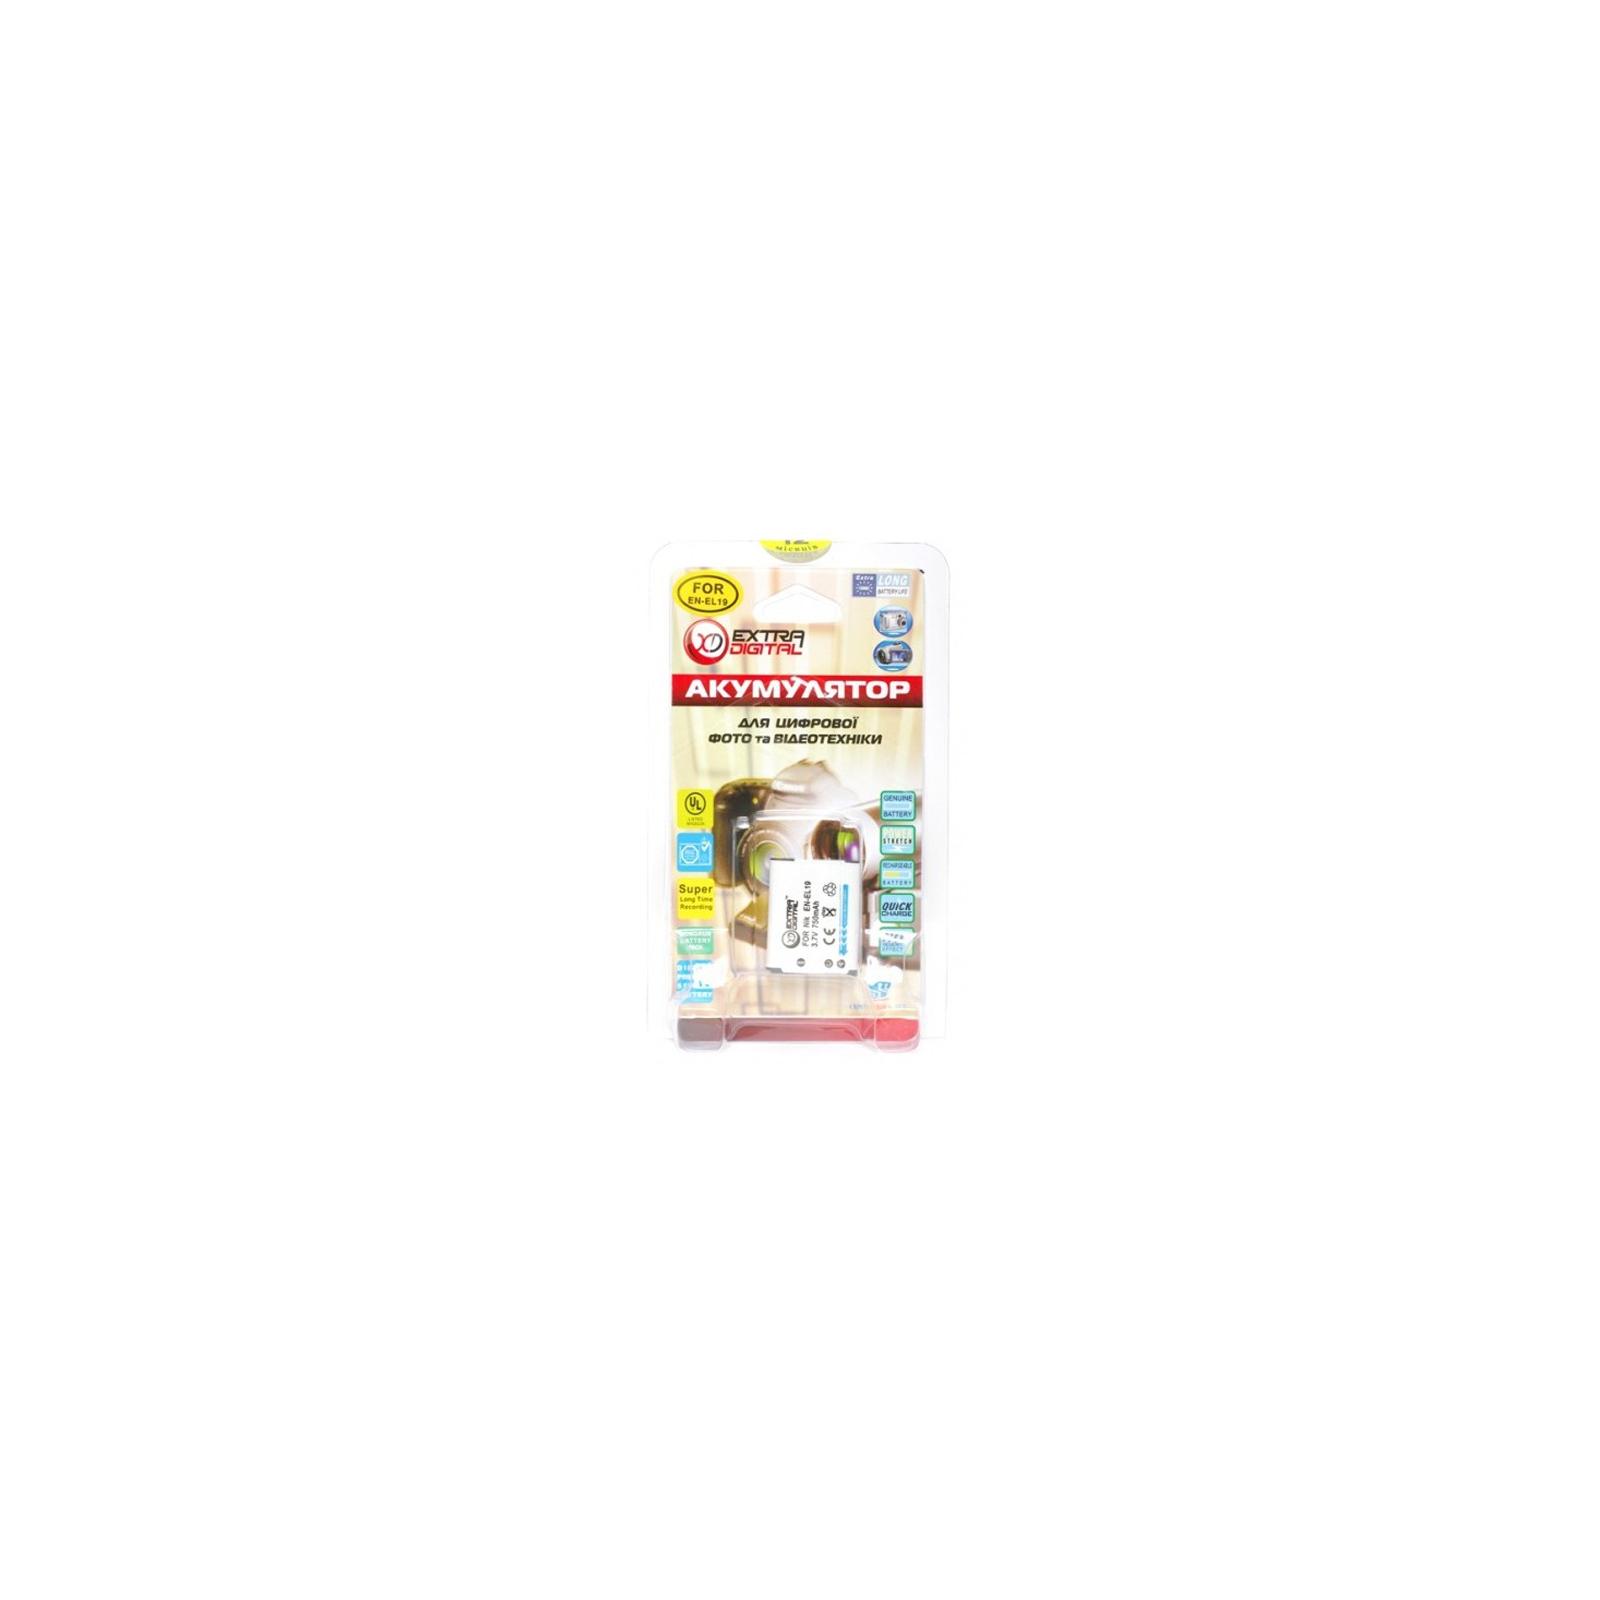 Аккумулятор к фото/видео EXTRADIGITAL Nikon EN-EL19 (BDN2525) изображение 3